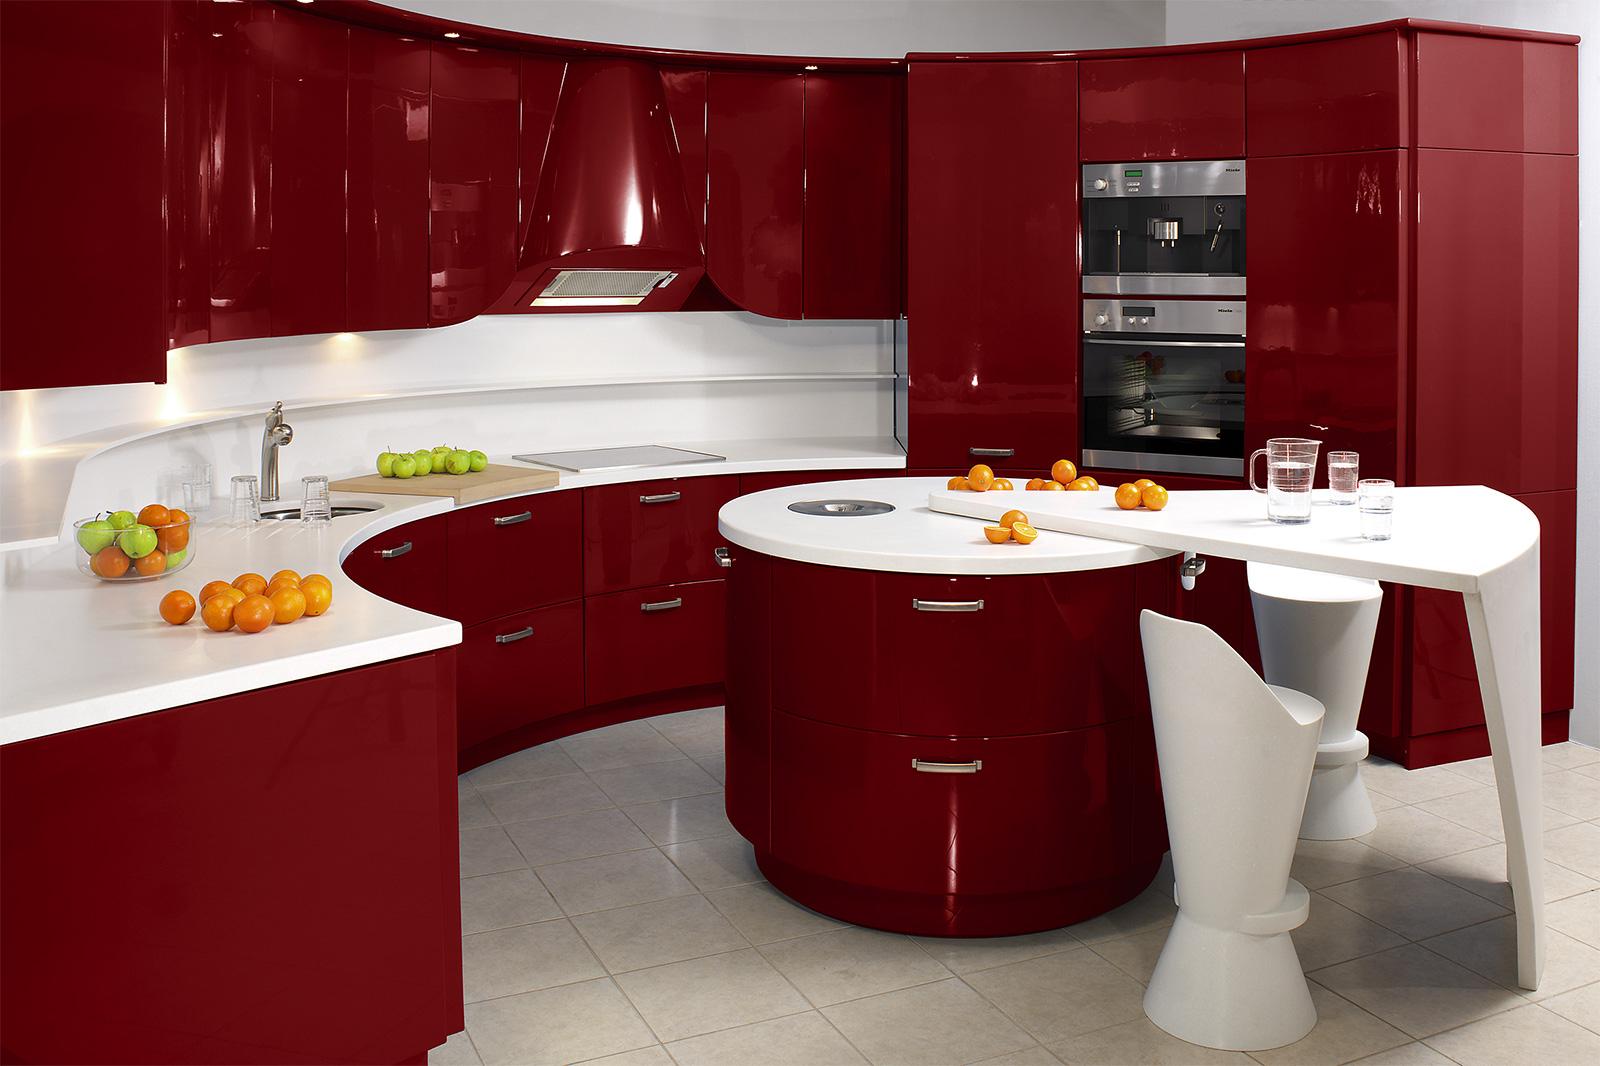 armoire-rouge-courbe-raffinée-utilisant-le-comptoir-gagnant-pour-la-décoration-de-cuisine